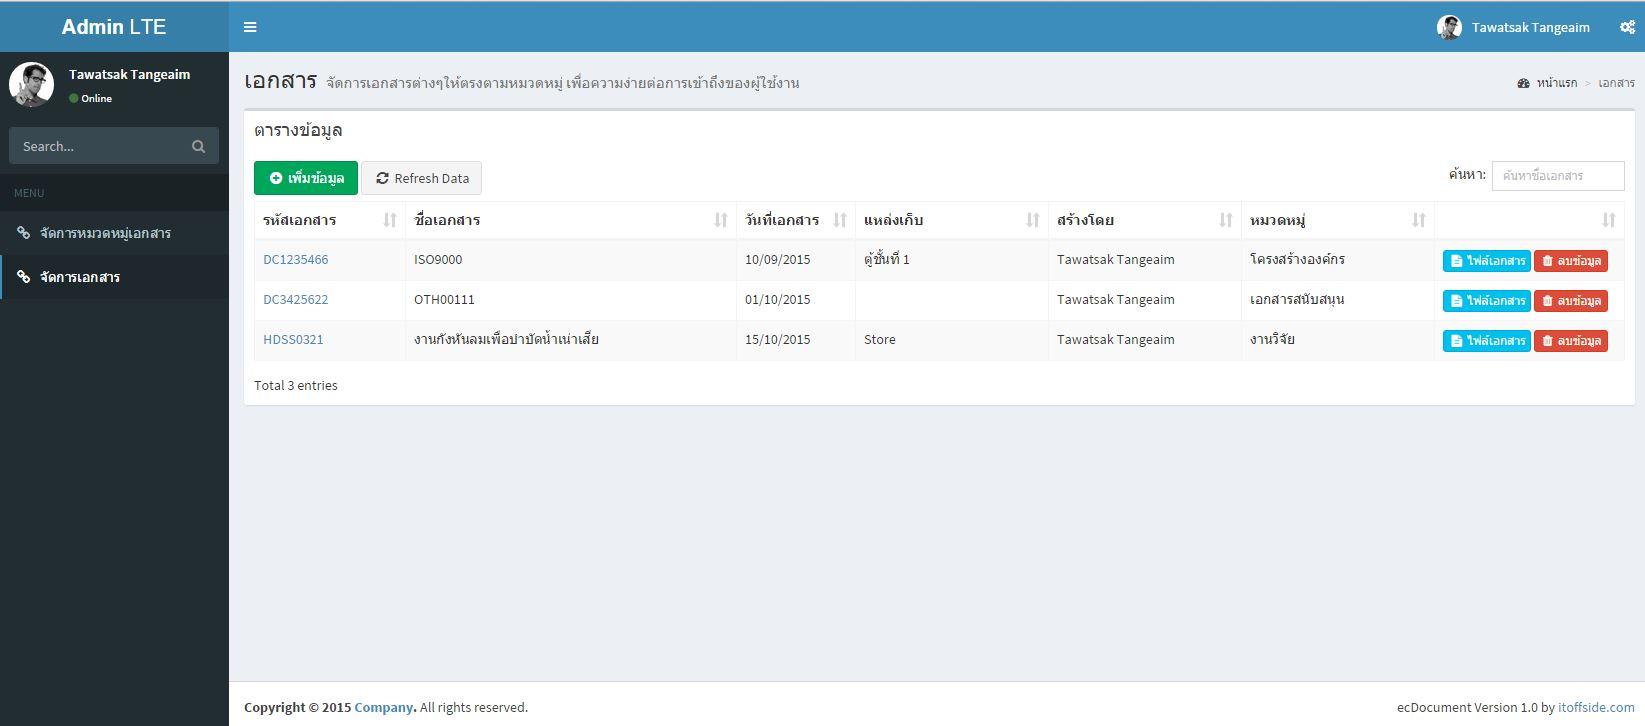 แจกระบบจัดการเอกสารออนไลน์ โดยใช้ Codeigniter Framework [PHP+MySQL]